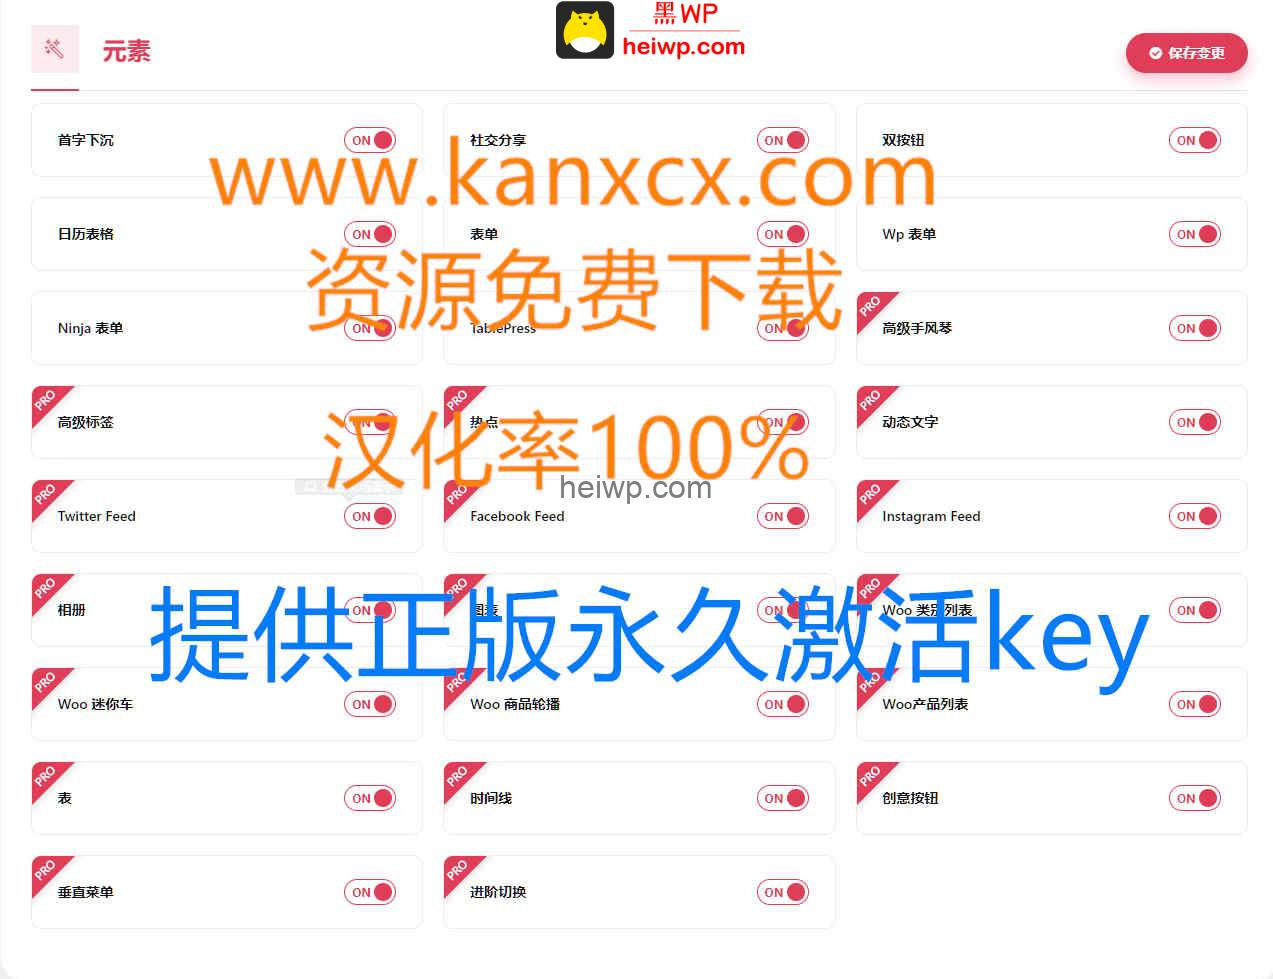 【官方正版key】Elementor增强插件-ElementsKit官方正版,提供永久激活KEY密钥-黑WP